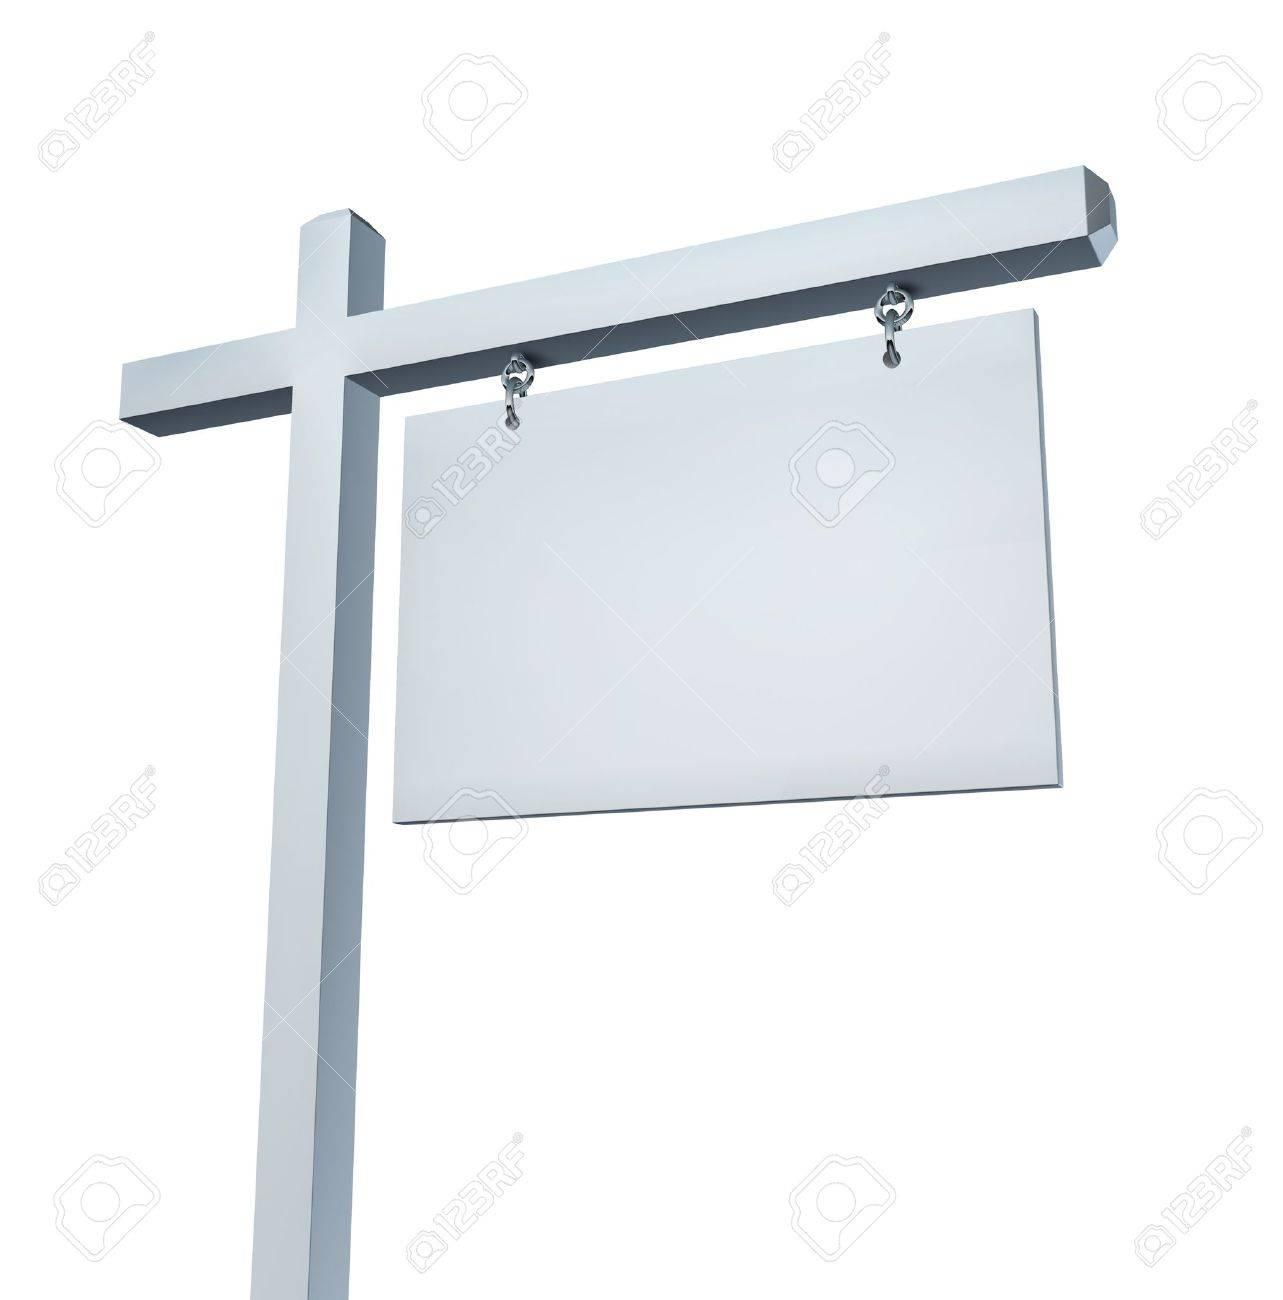 Weiss Immobilien blank weiß immobilien zeichen als kommunikations billboard